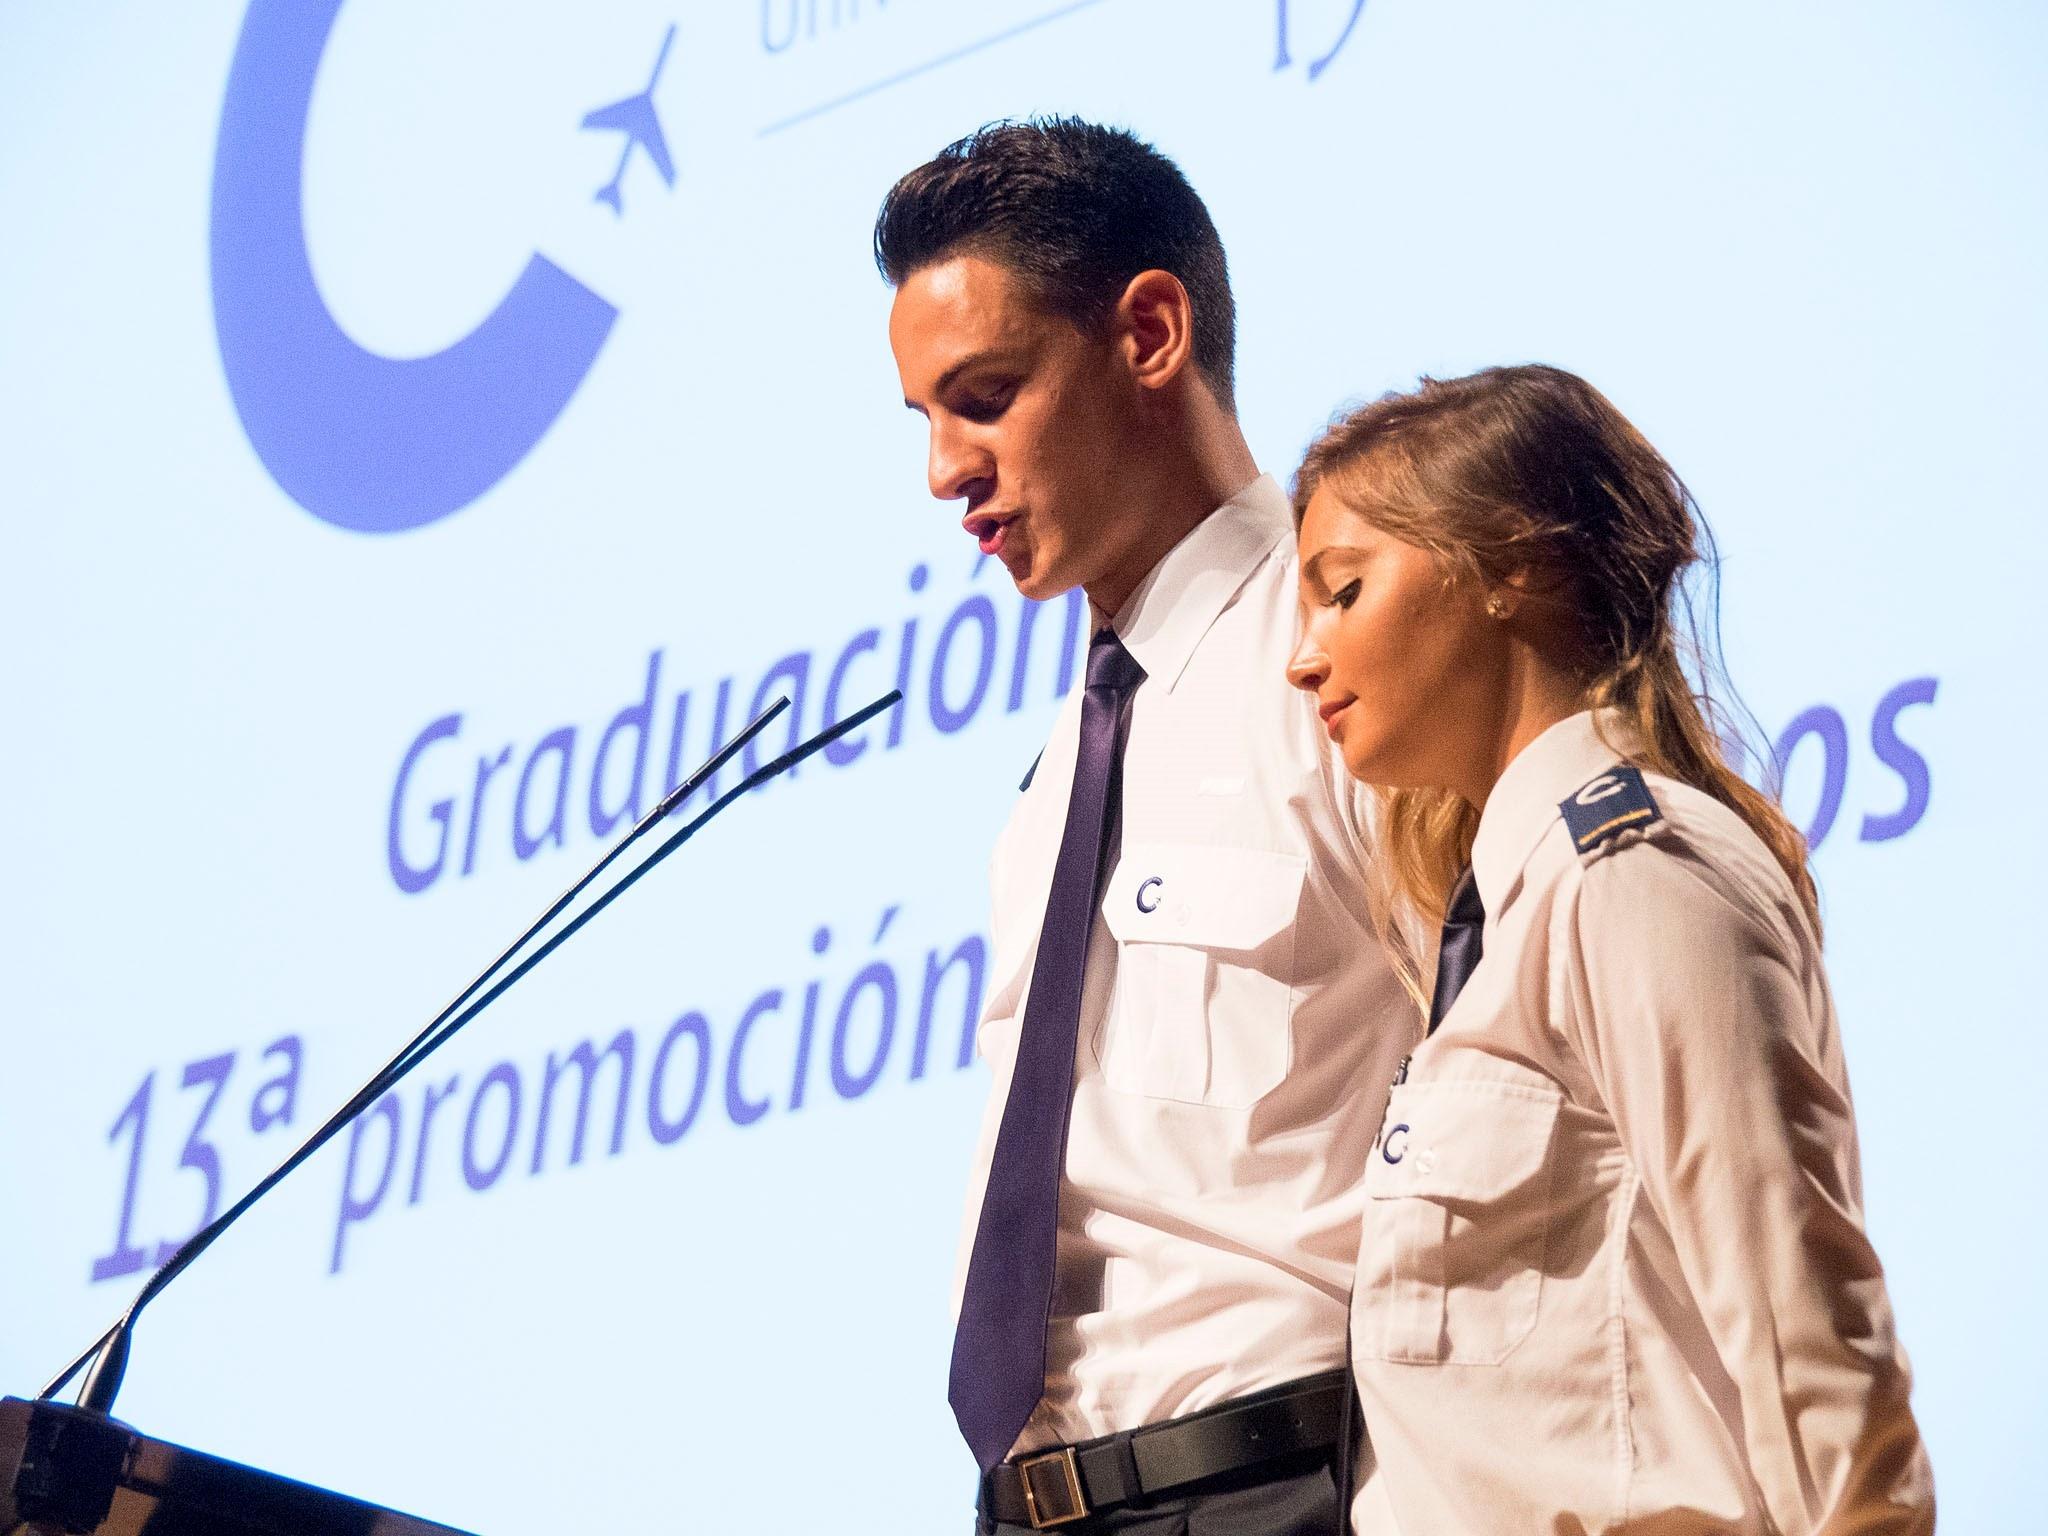 CESDA primera escuela de pilotos graduación 2017 _3